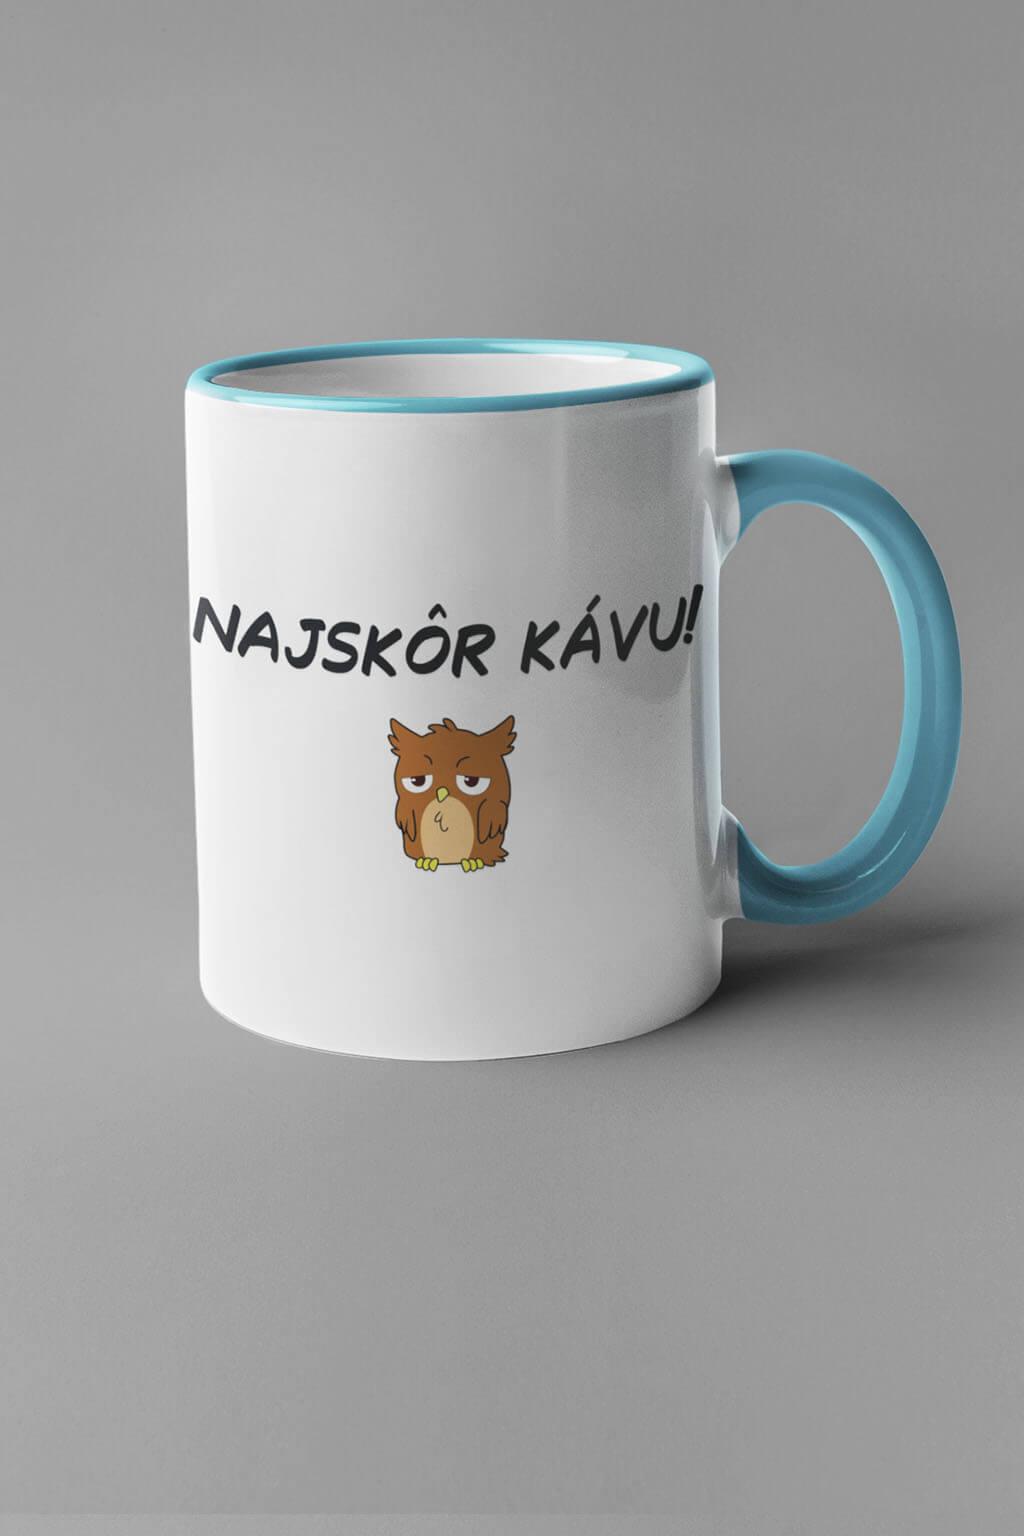 MMO Šálka najskôr kávu Farba šálky: Modrá